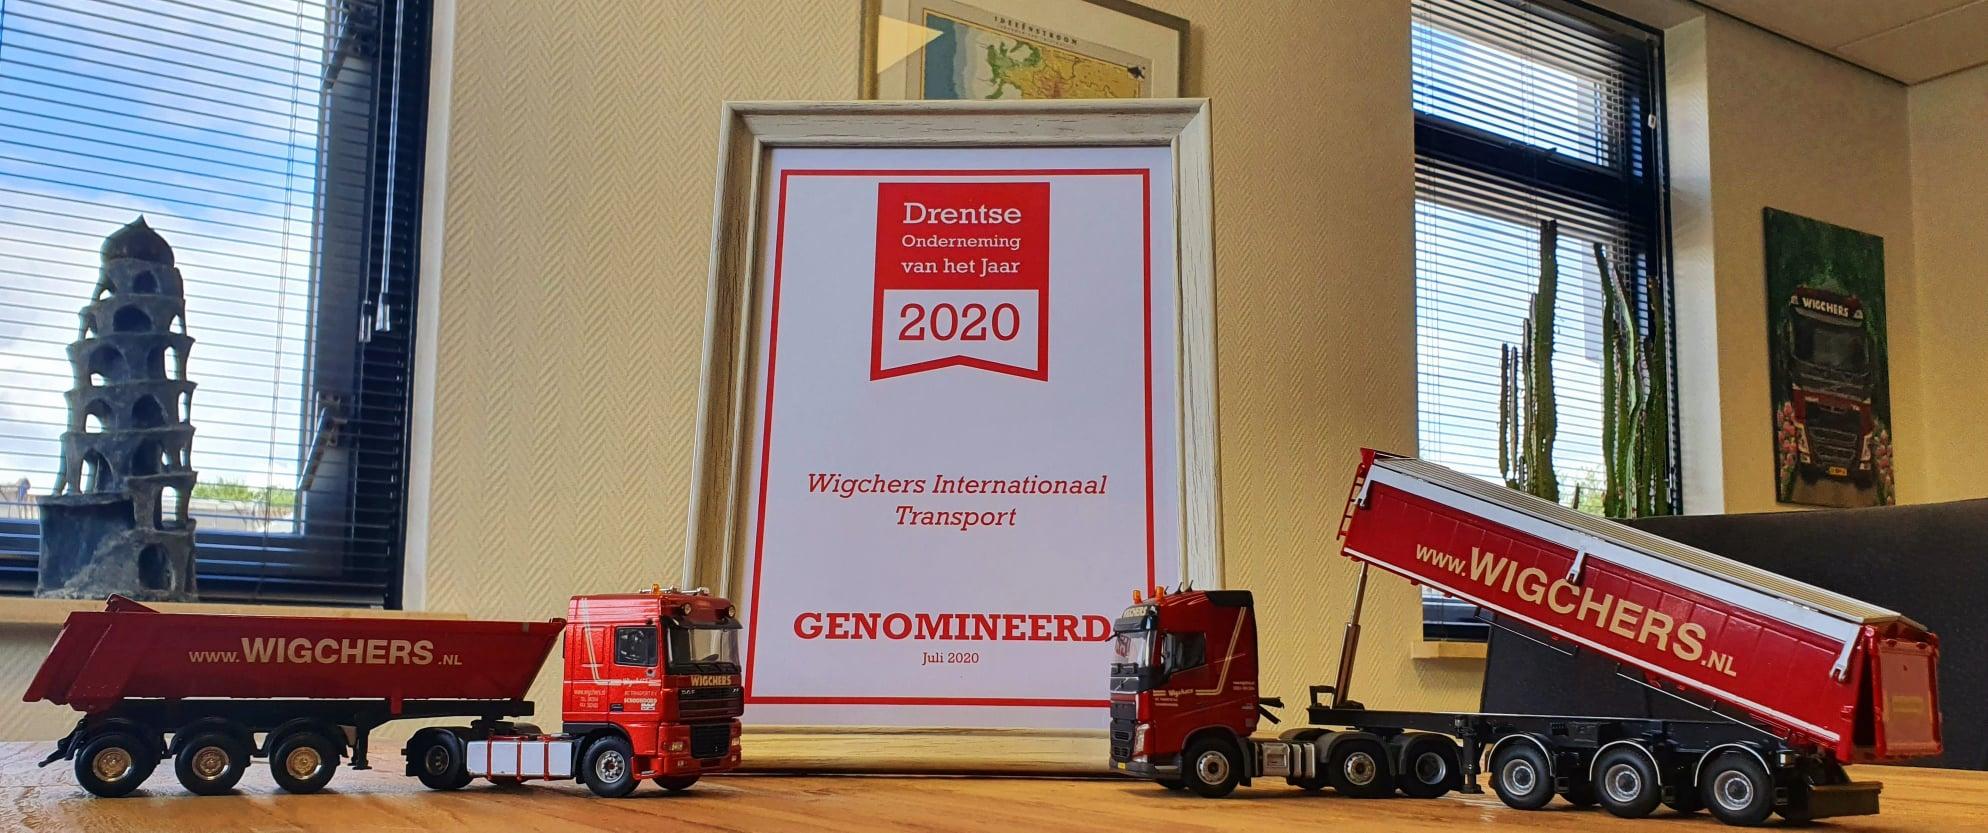 Oorkonde nominatie Drentse Onderneming van het Jaar 2020